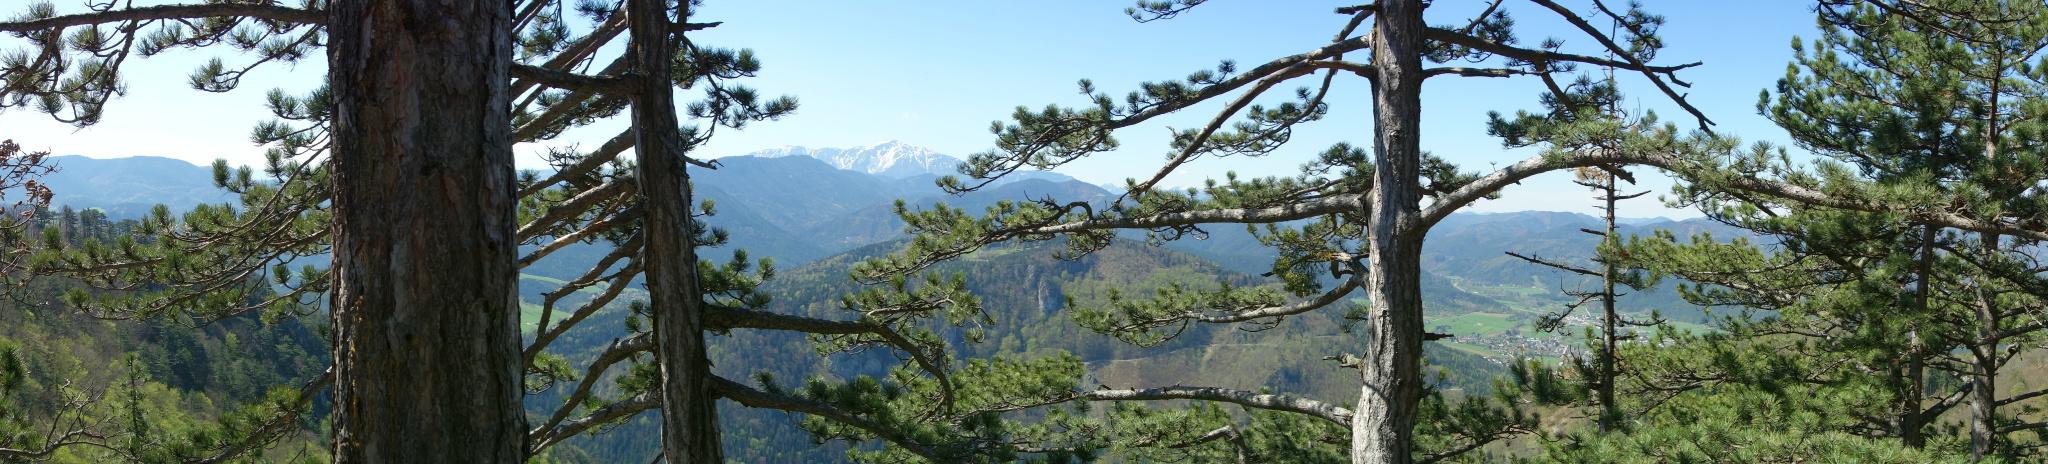 Aussicht durch den Wald auf den Schneeberg und auf Pernitz.